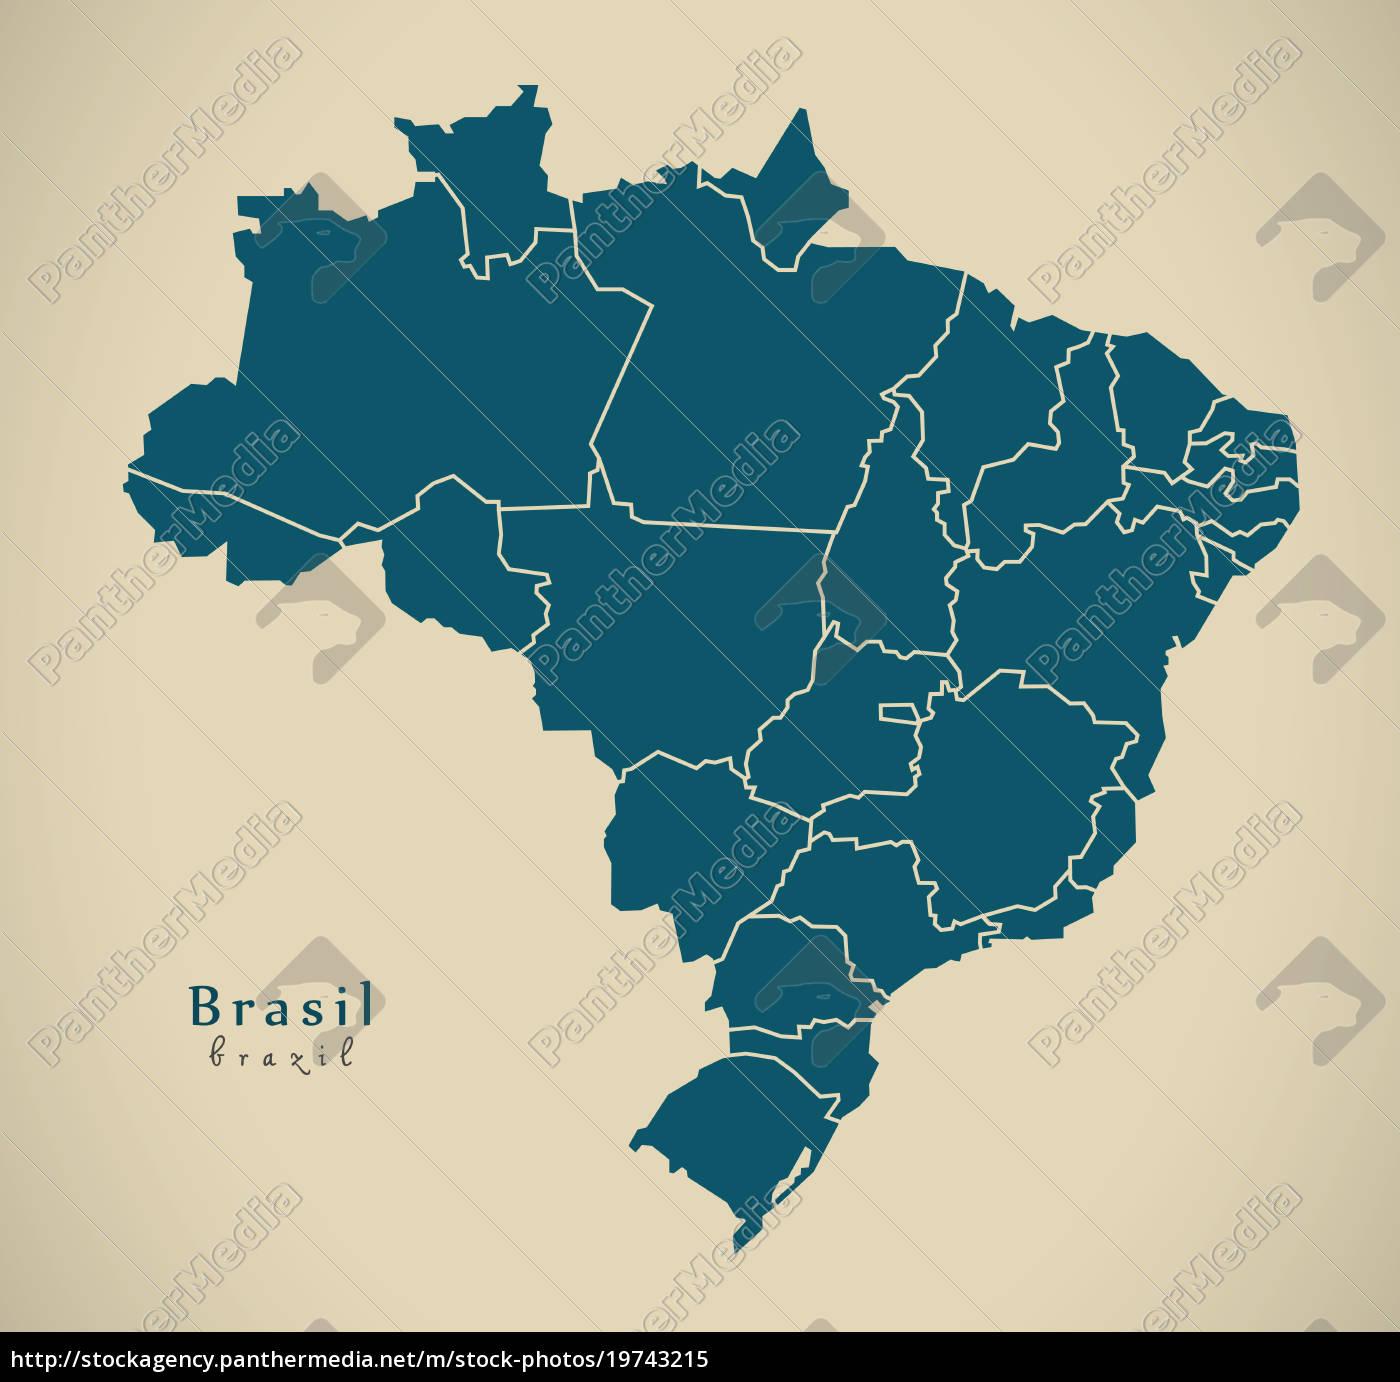 Lizenzfreies Bild 19743215 - moderne karte brasil mit bezirken br brasilien  illustration